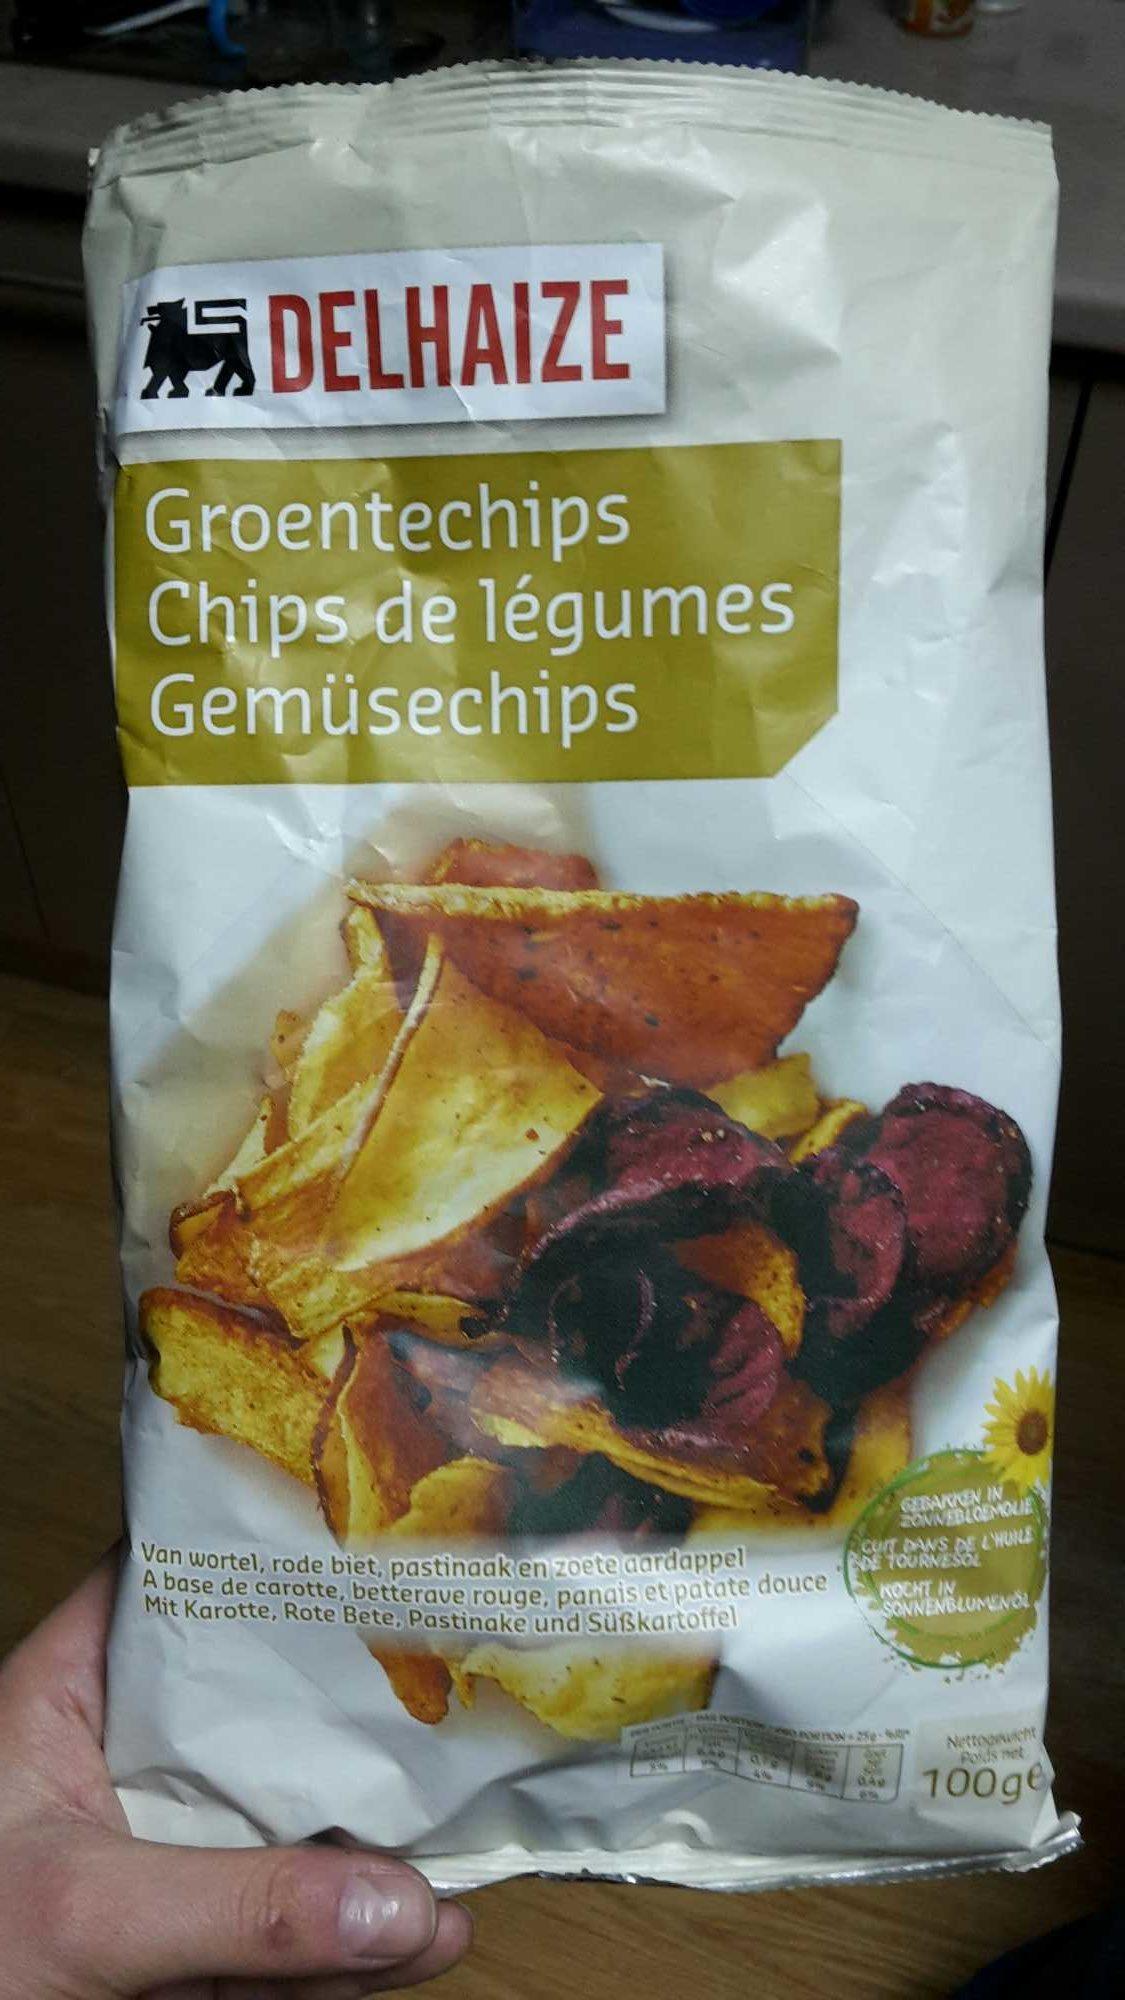 Chips de légumes - Product - ro